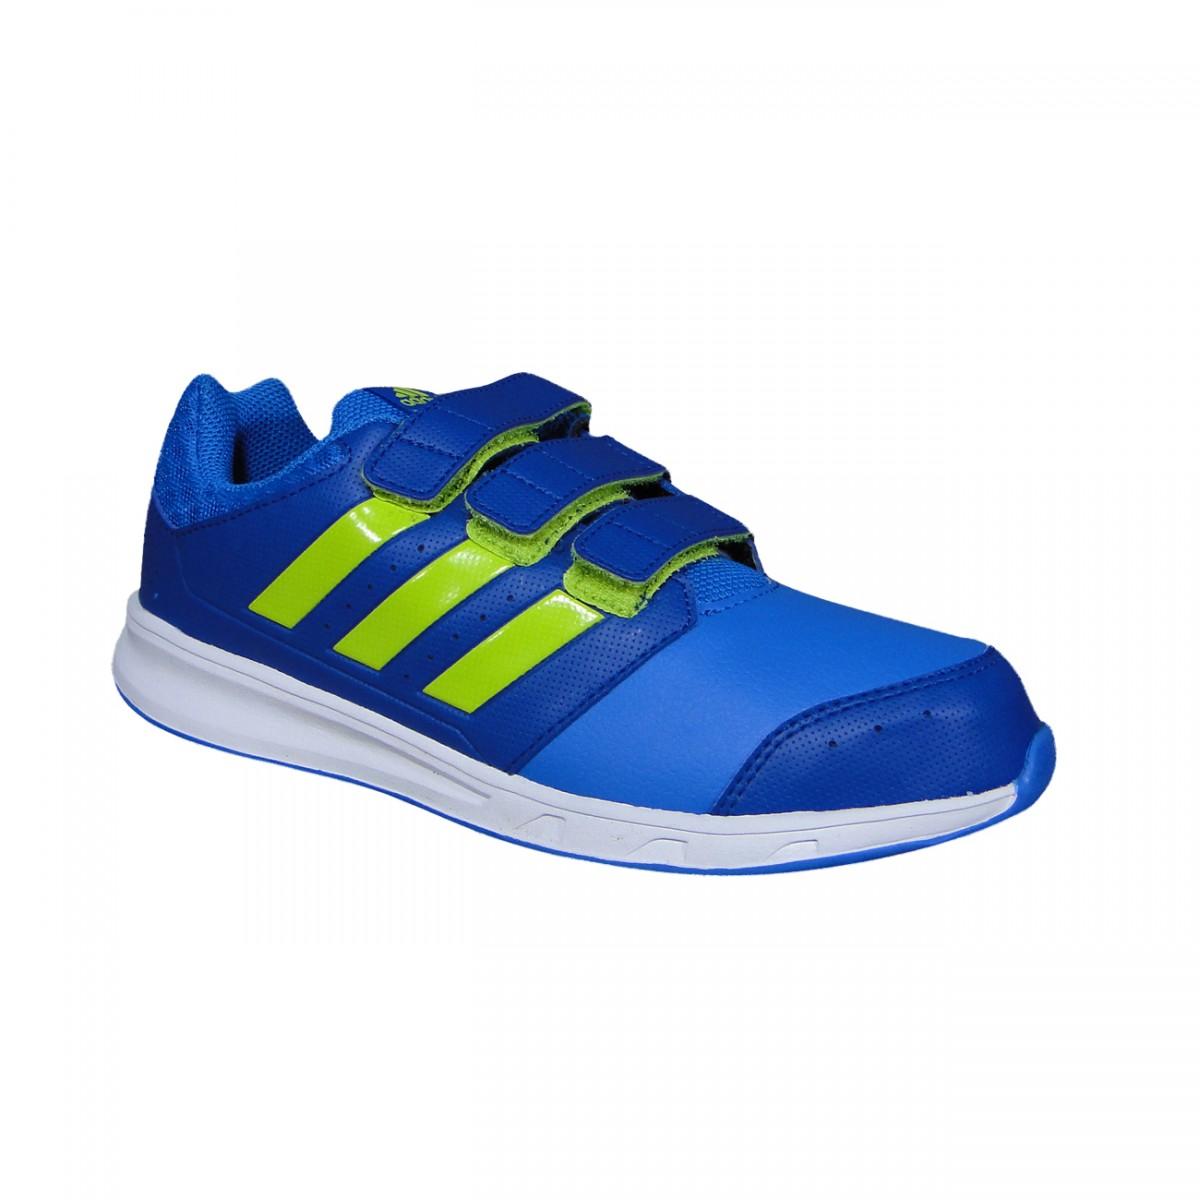 0465117ade0 Tenis Adidas Lk Sport 2 Cf Juvenil AF4527 - Azul Limao - Chuteira Nike